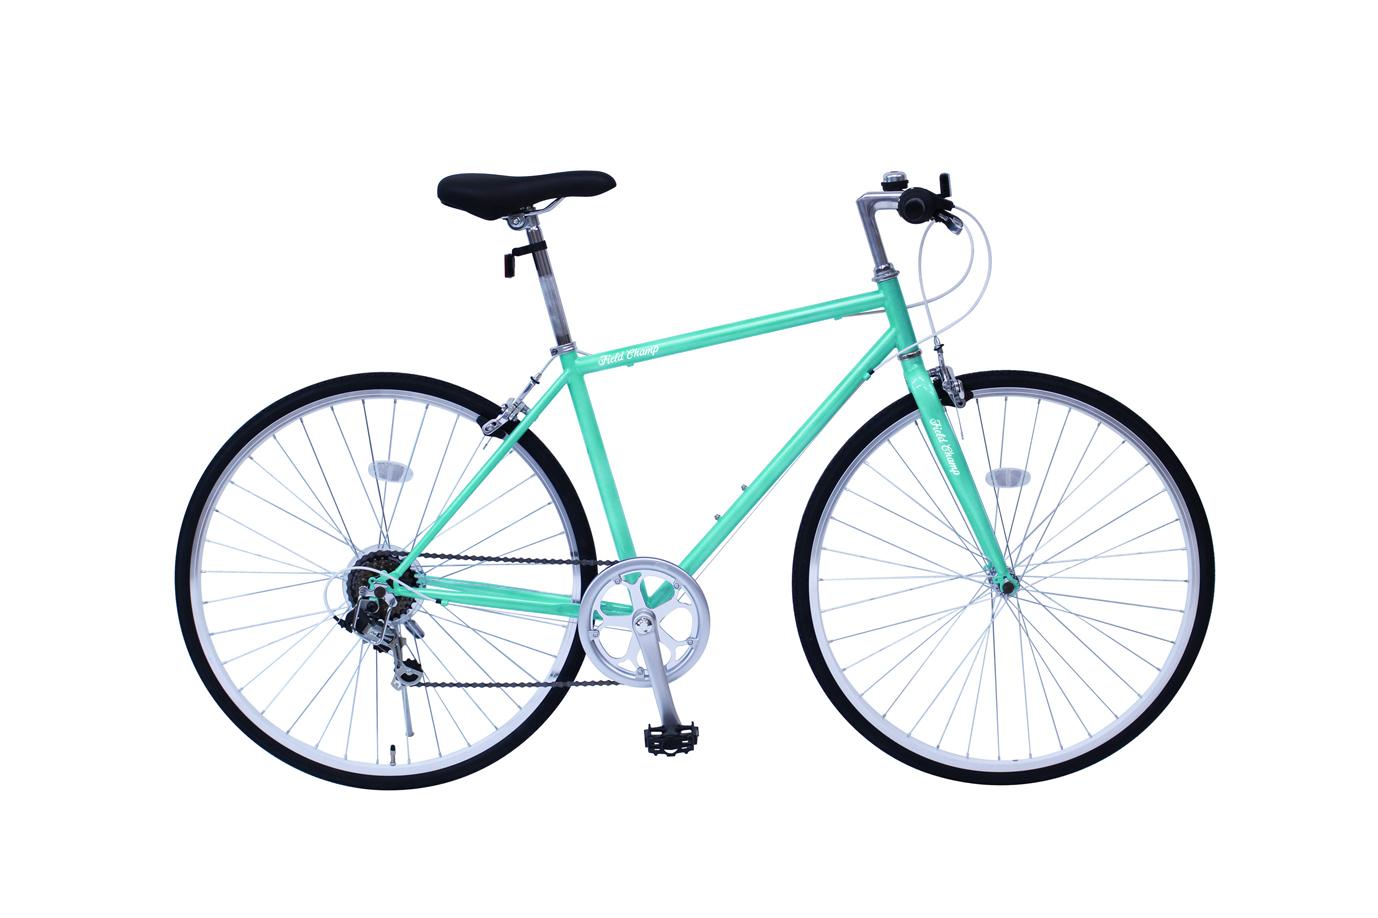 【メーカー直送/代引不可】ミムゴ FIELD CHAMP フィールドチャンプ クロスバイク 700C 6SF MG-FCP700CF(カラー:グリーン)